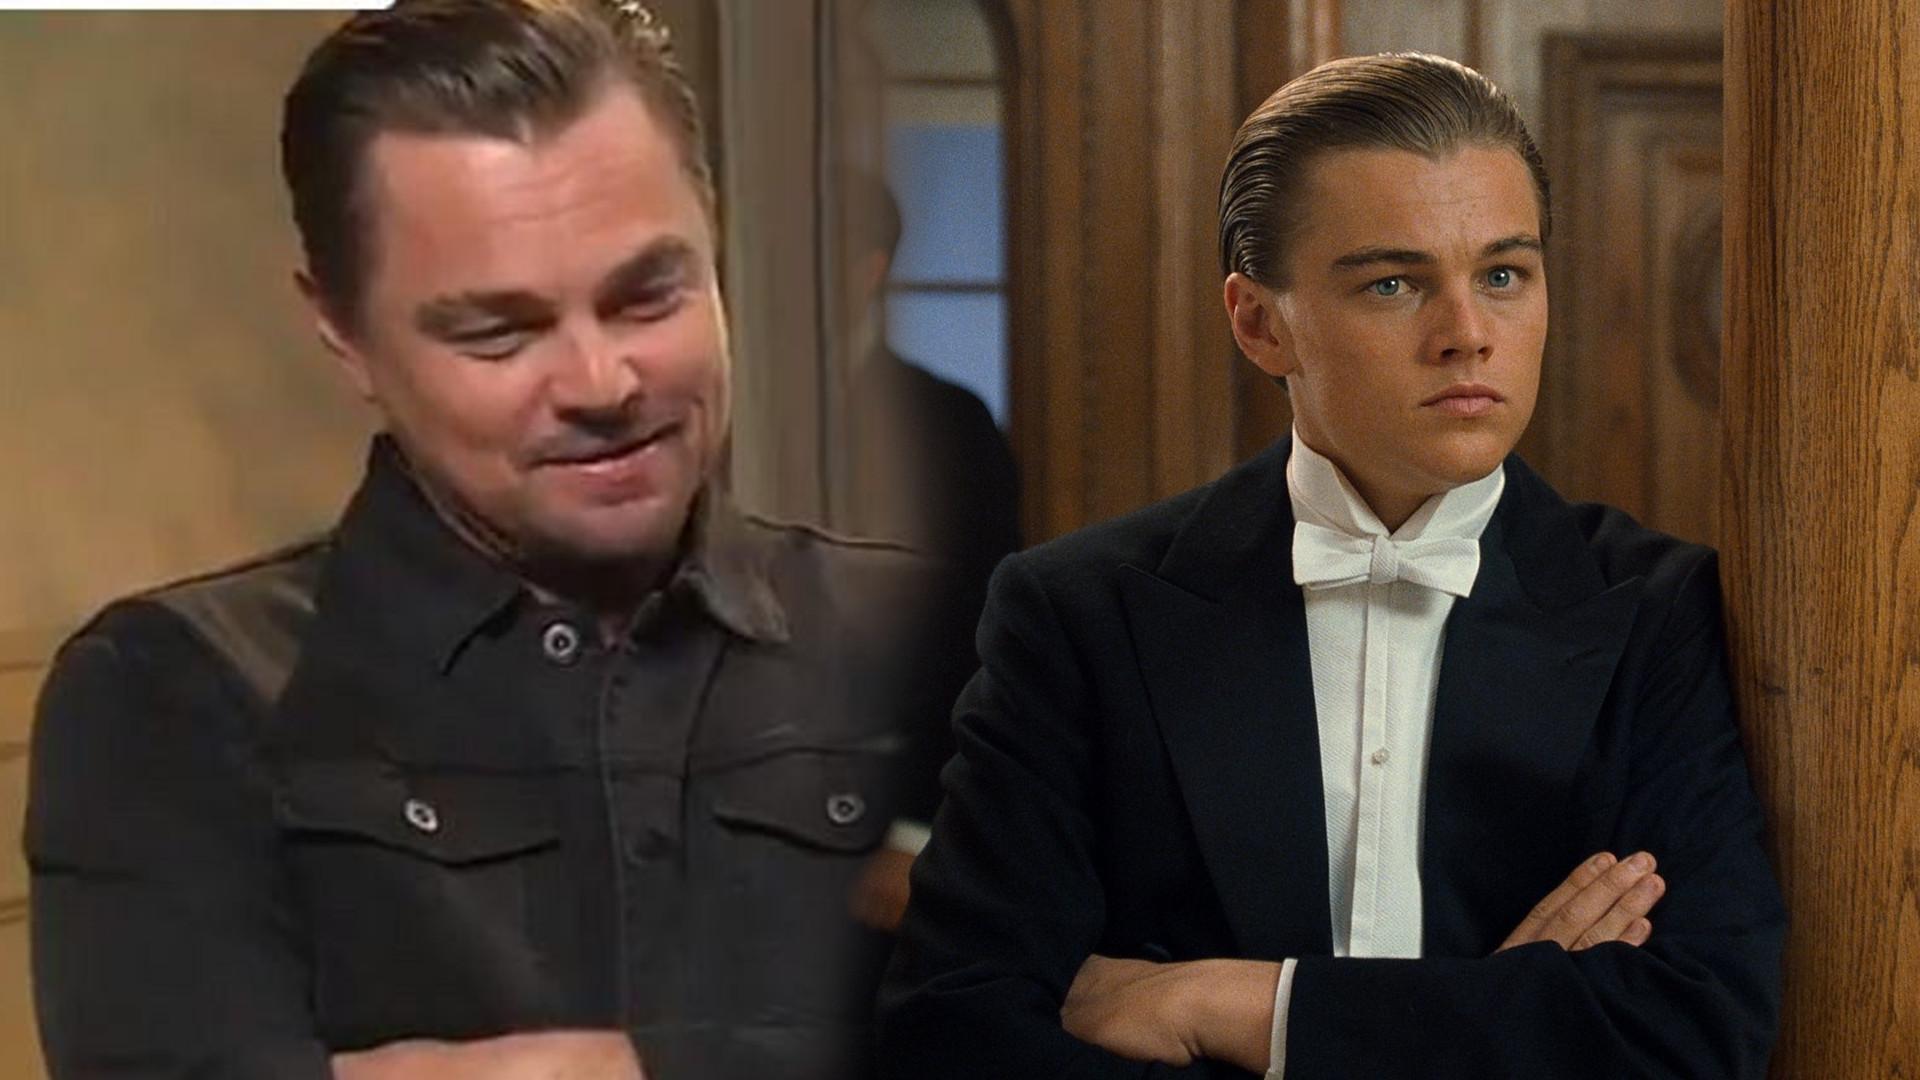 Czy Jack mógł wdrapać się na drzwi razem z Rose i przeżyć? Reakcja Leonardo DiCaprio na to pytanie jest BEZCENNA